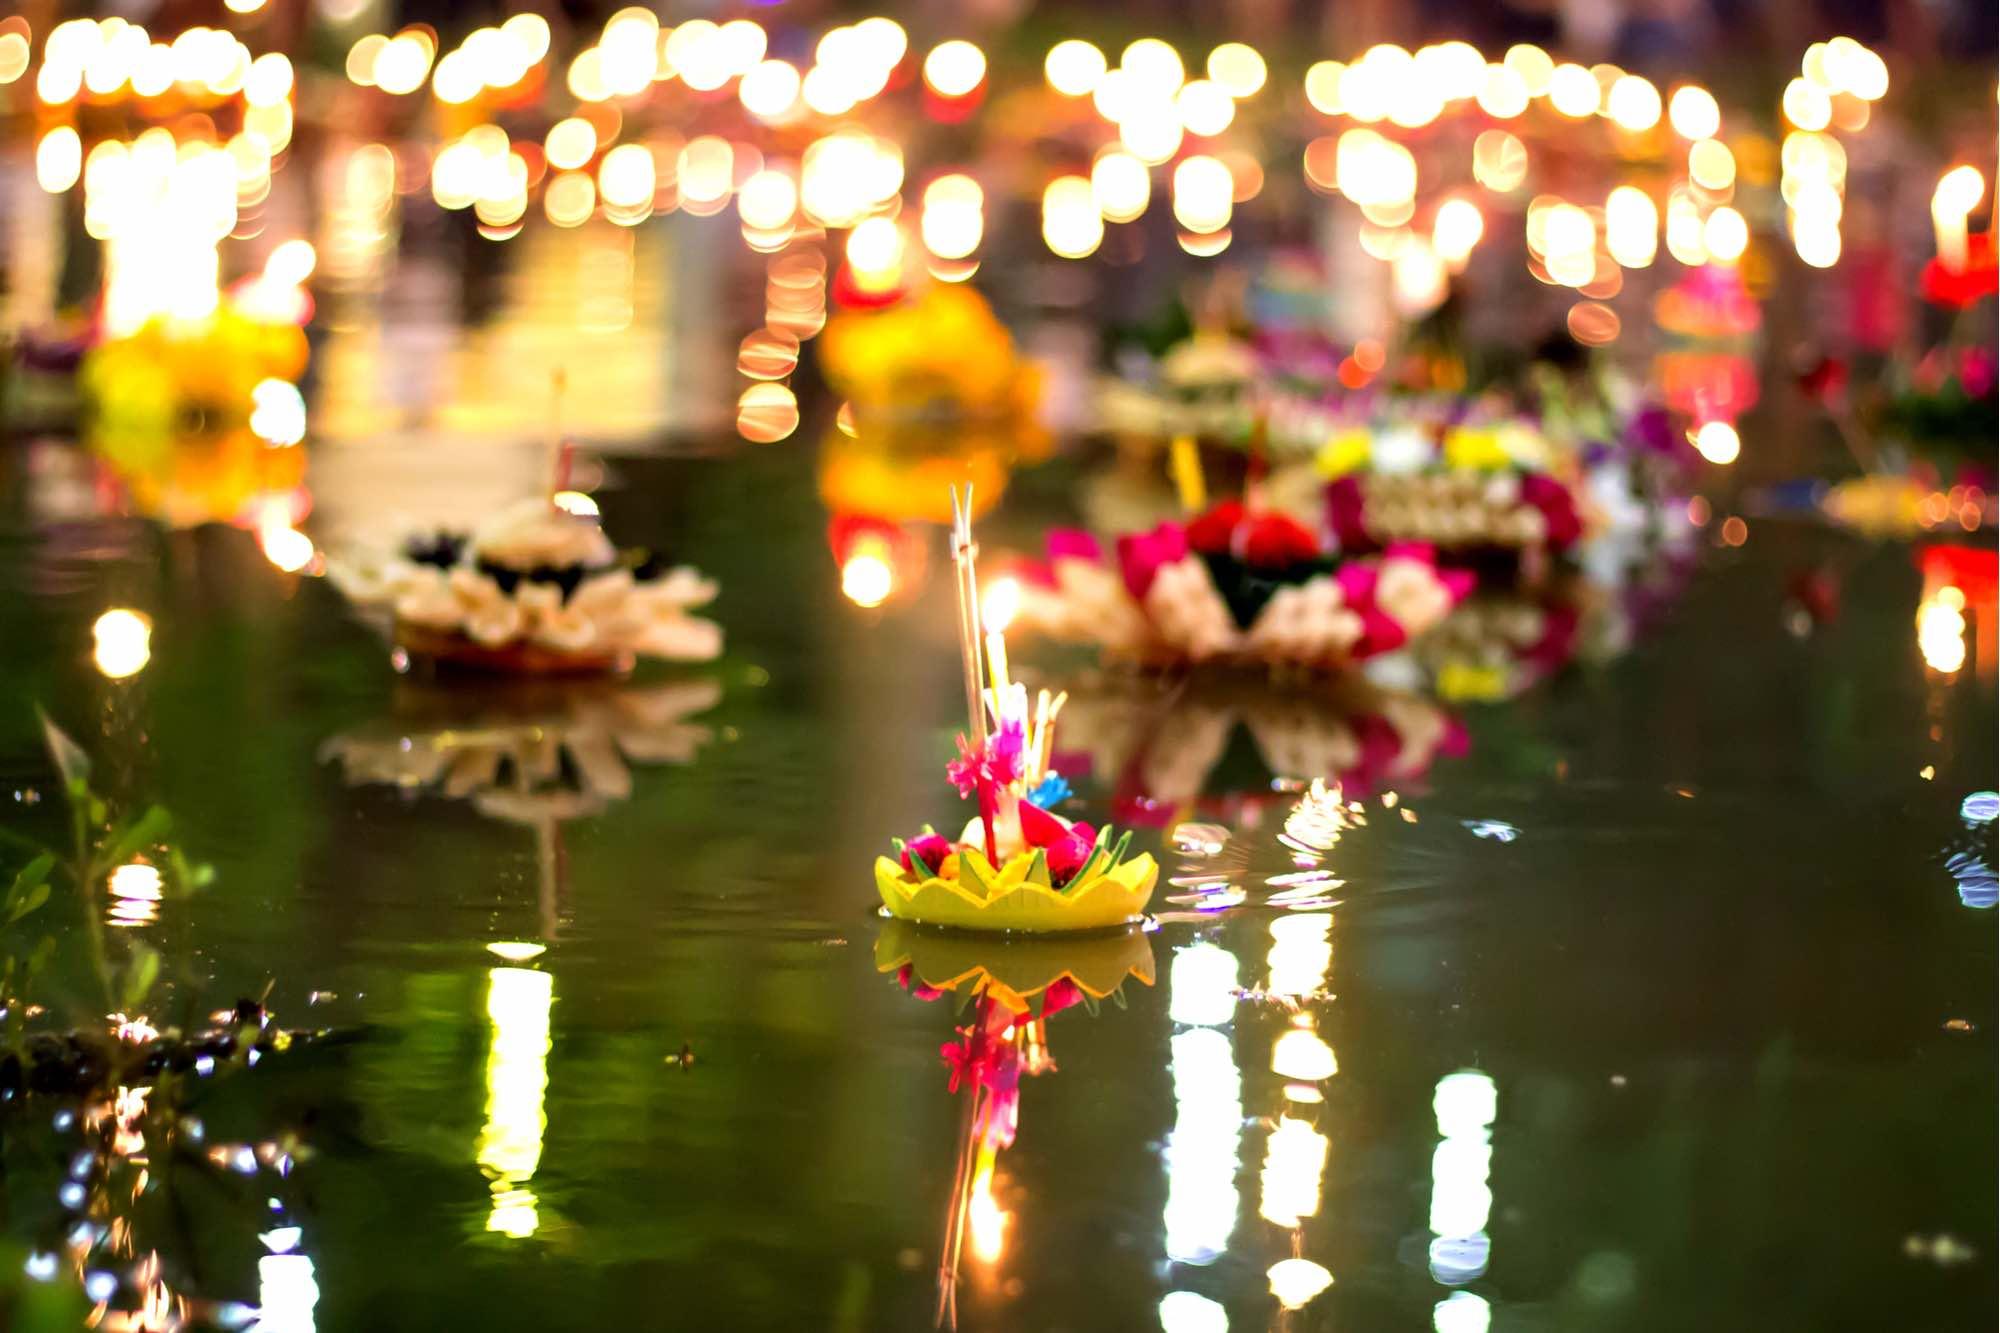 Loi Krathong – Thai Festival of Light